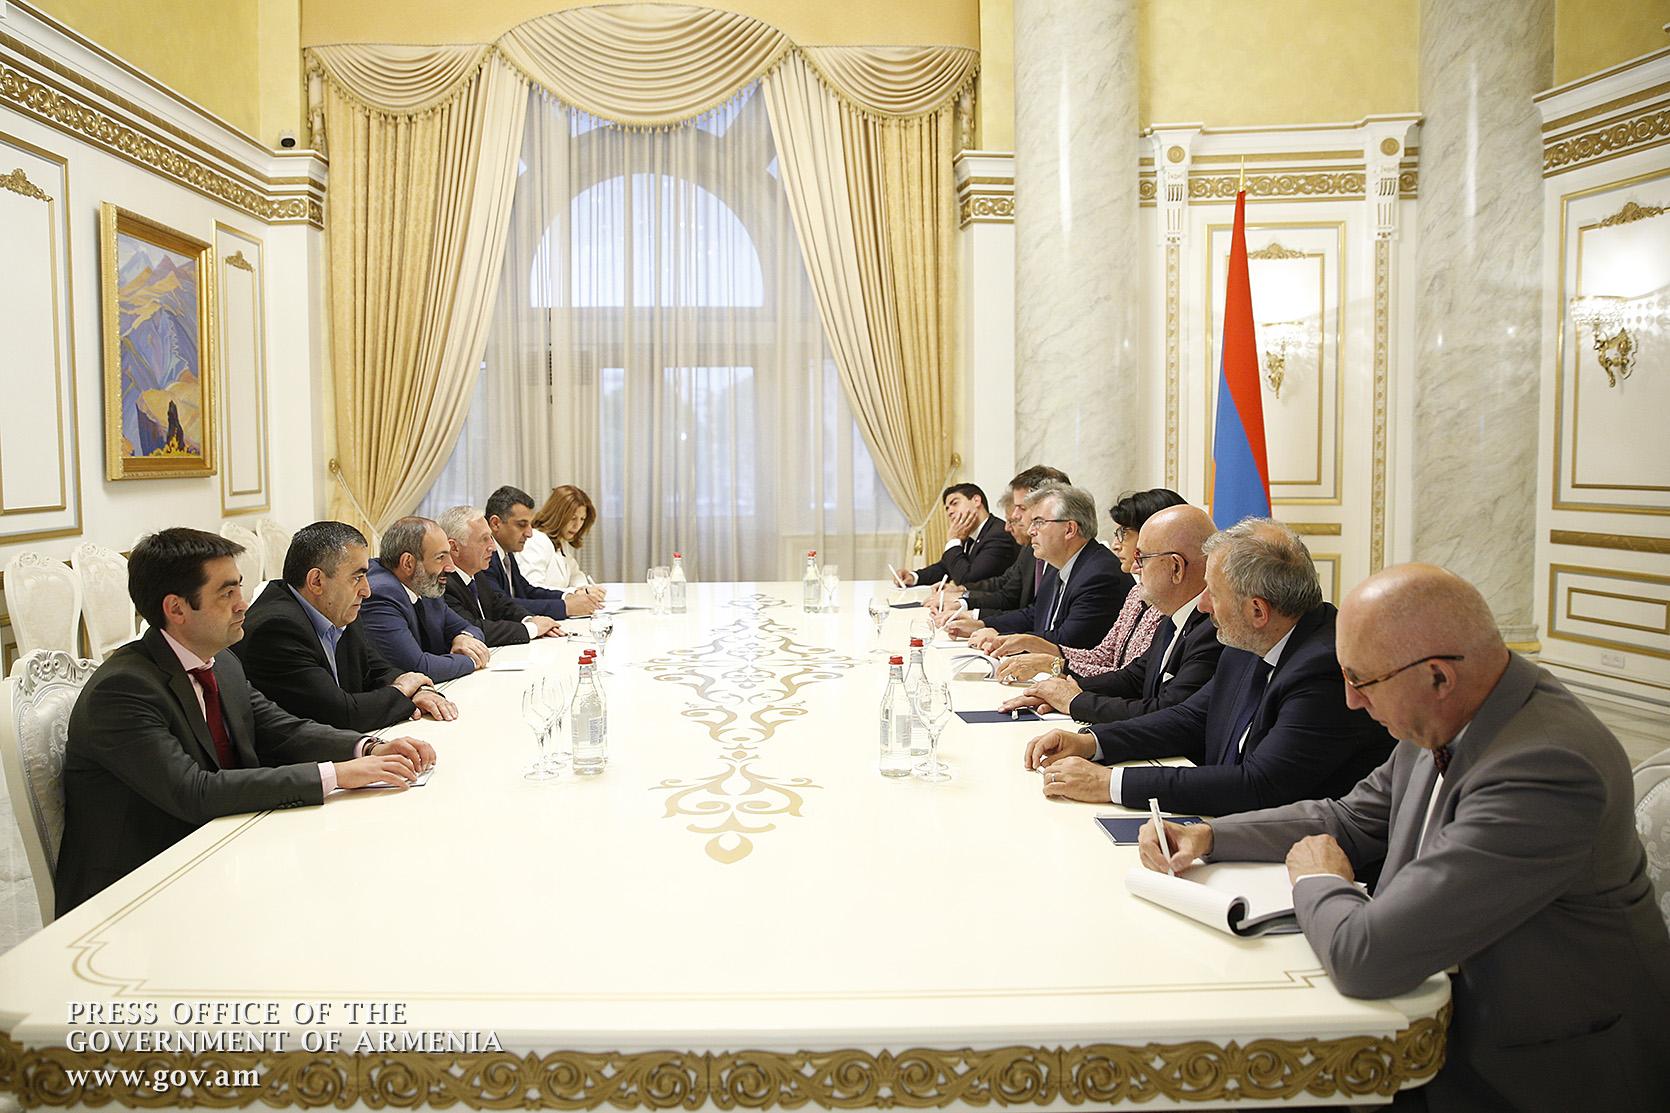 Համոզված եմ` տեղի ունեցող փոփոխությունները ֆրանսիական նոր ներդրումներ կբերեն Հայաստան. վարչապետը՝ Ժակ Մարիլոսյանի գլխավորած պատվիրակությանը